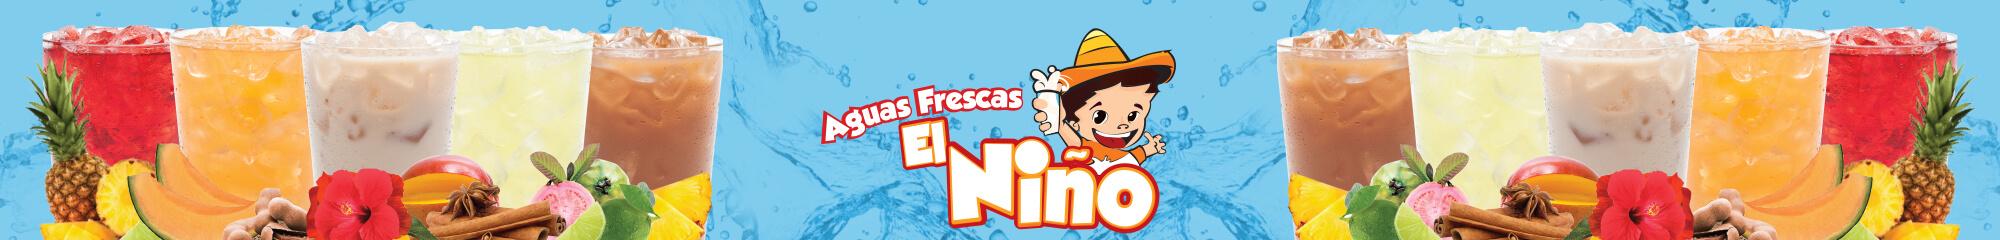 El Nino header